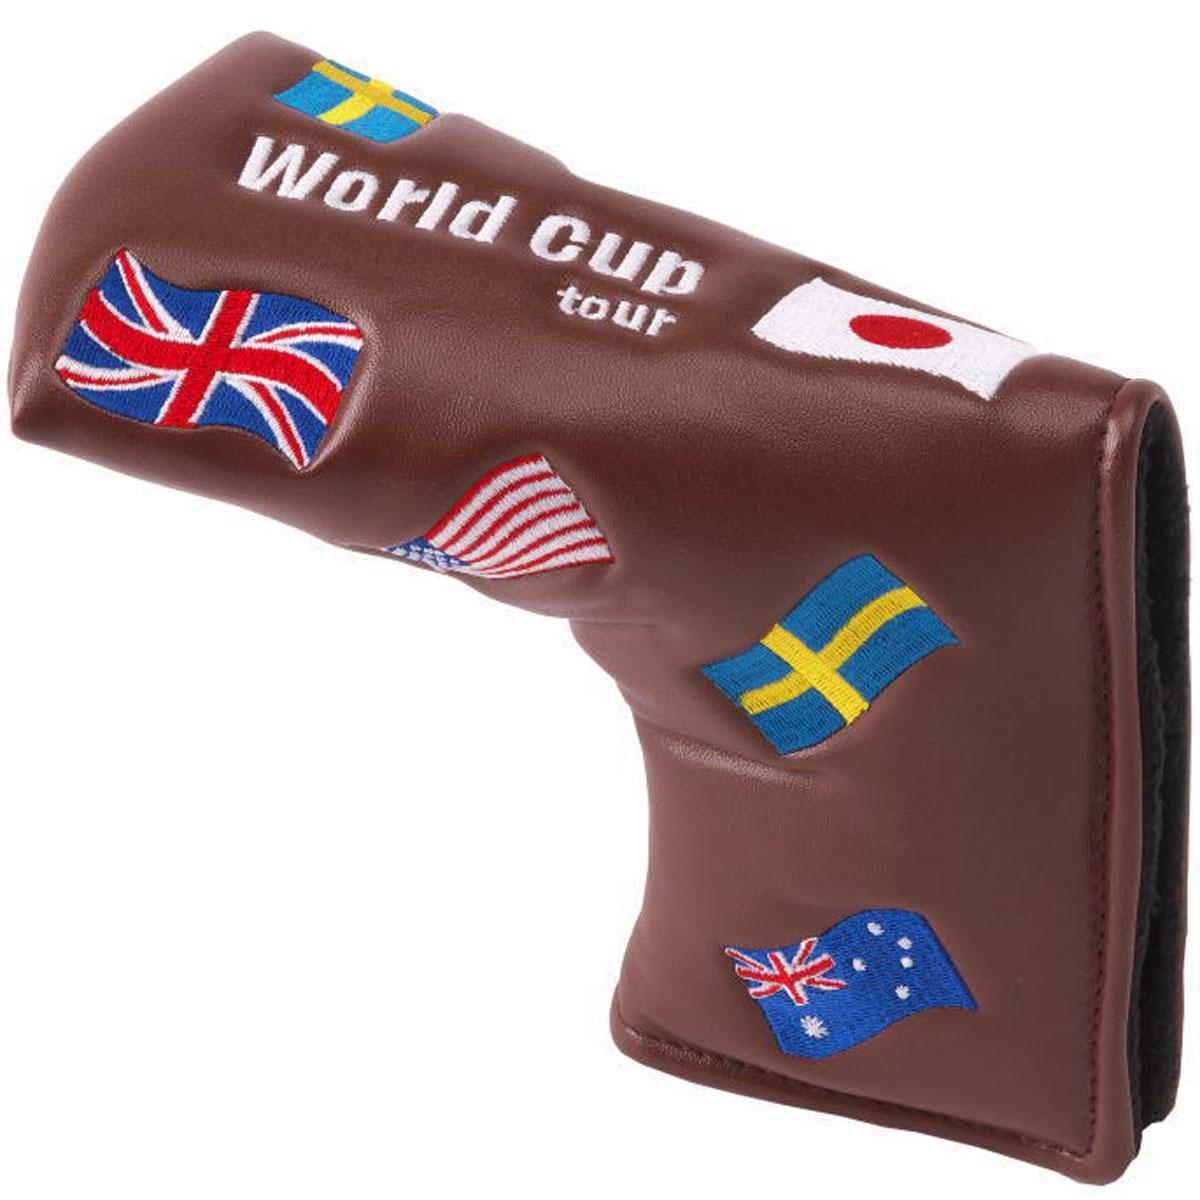 ワールドカップツアー パターカバー